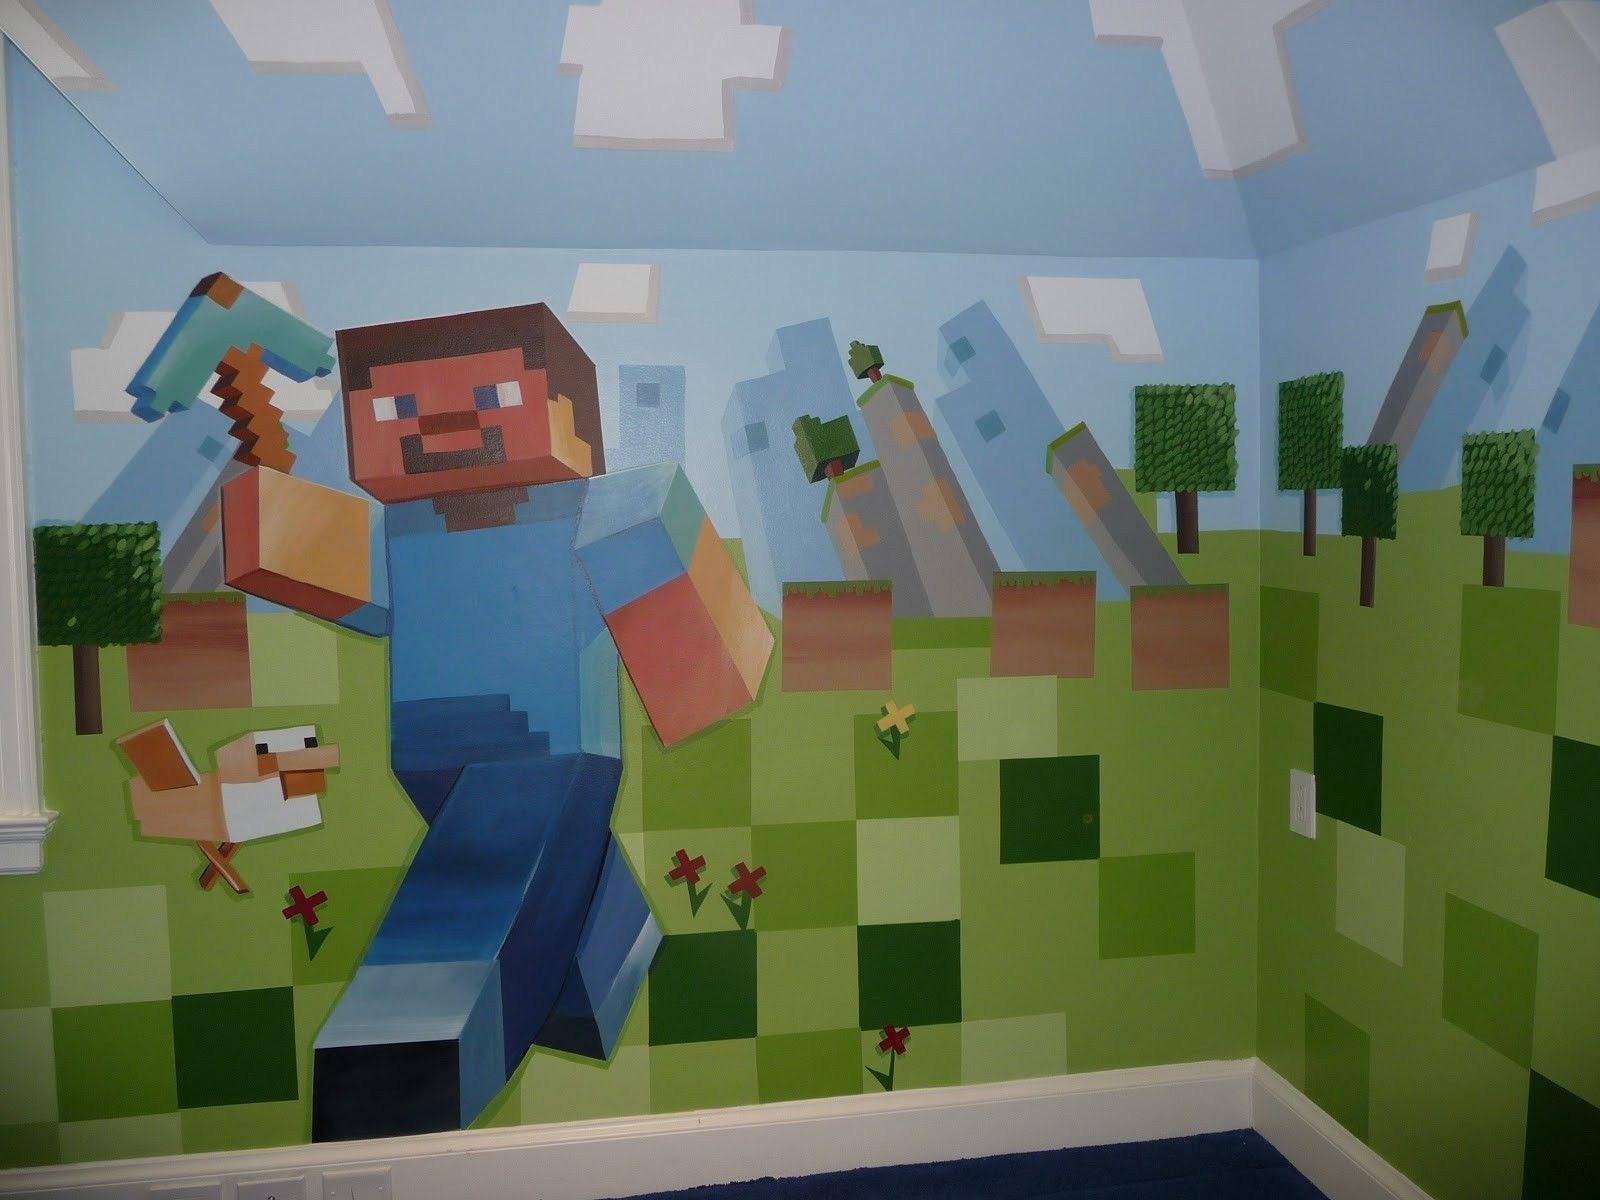 Minecraft Room Decor Ideas Fresh Minecraft Bedroom Minecraft Bedroom Wall Ideas 453517 Hd Wallpaper Backgrounds Download